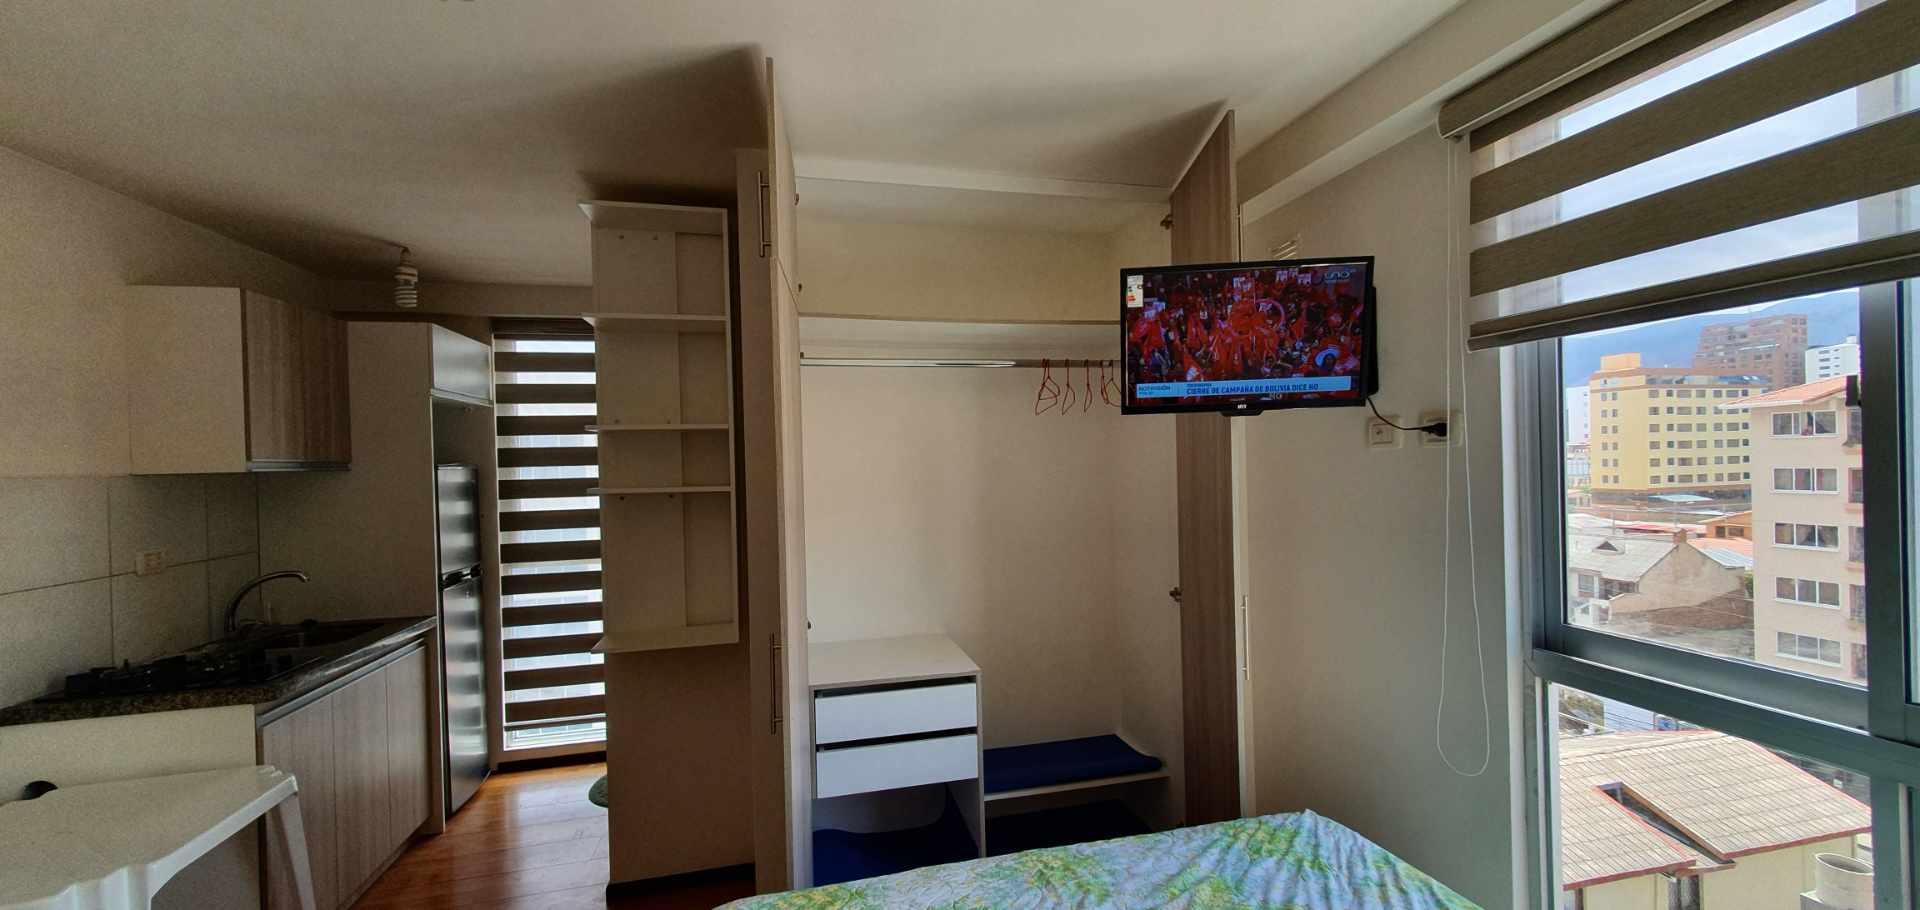 Departamento en Alquiler Beni esquina Tomas Frías Foto 2